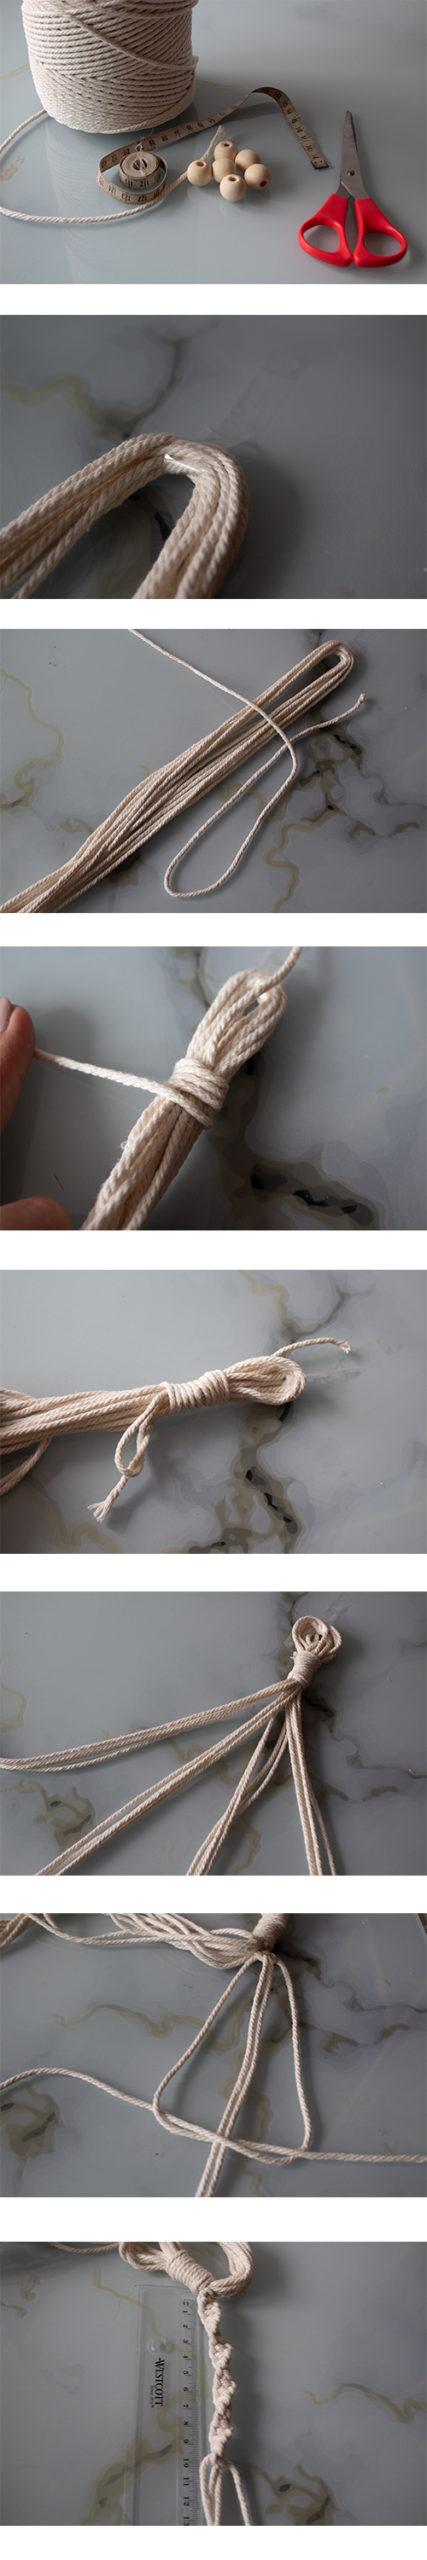 Bebilderung zur Beschreibung der Schritte zur Herstellung eines Makramees